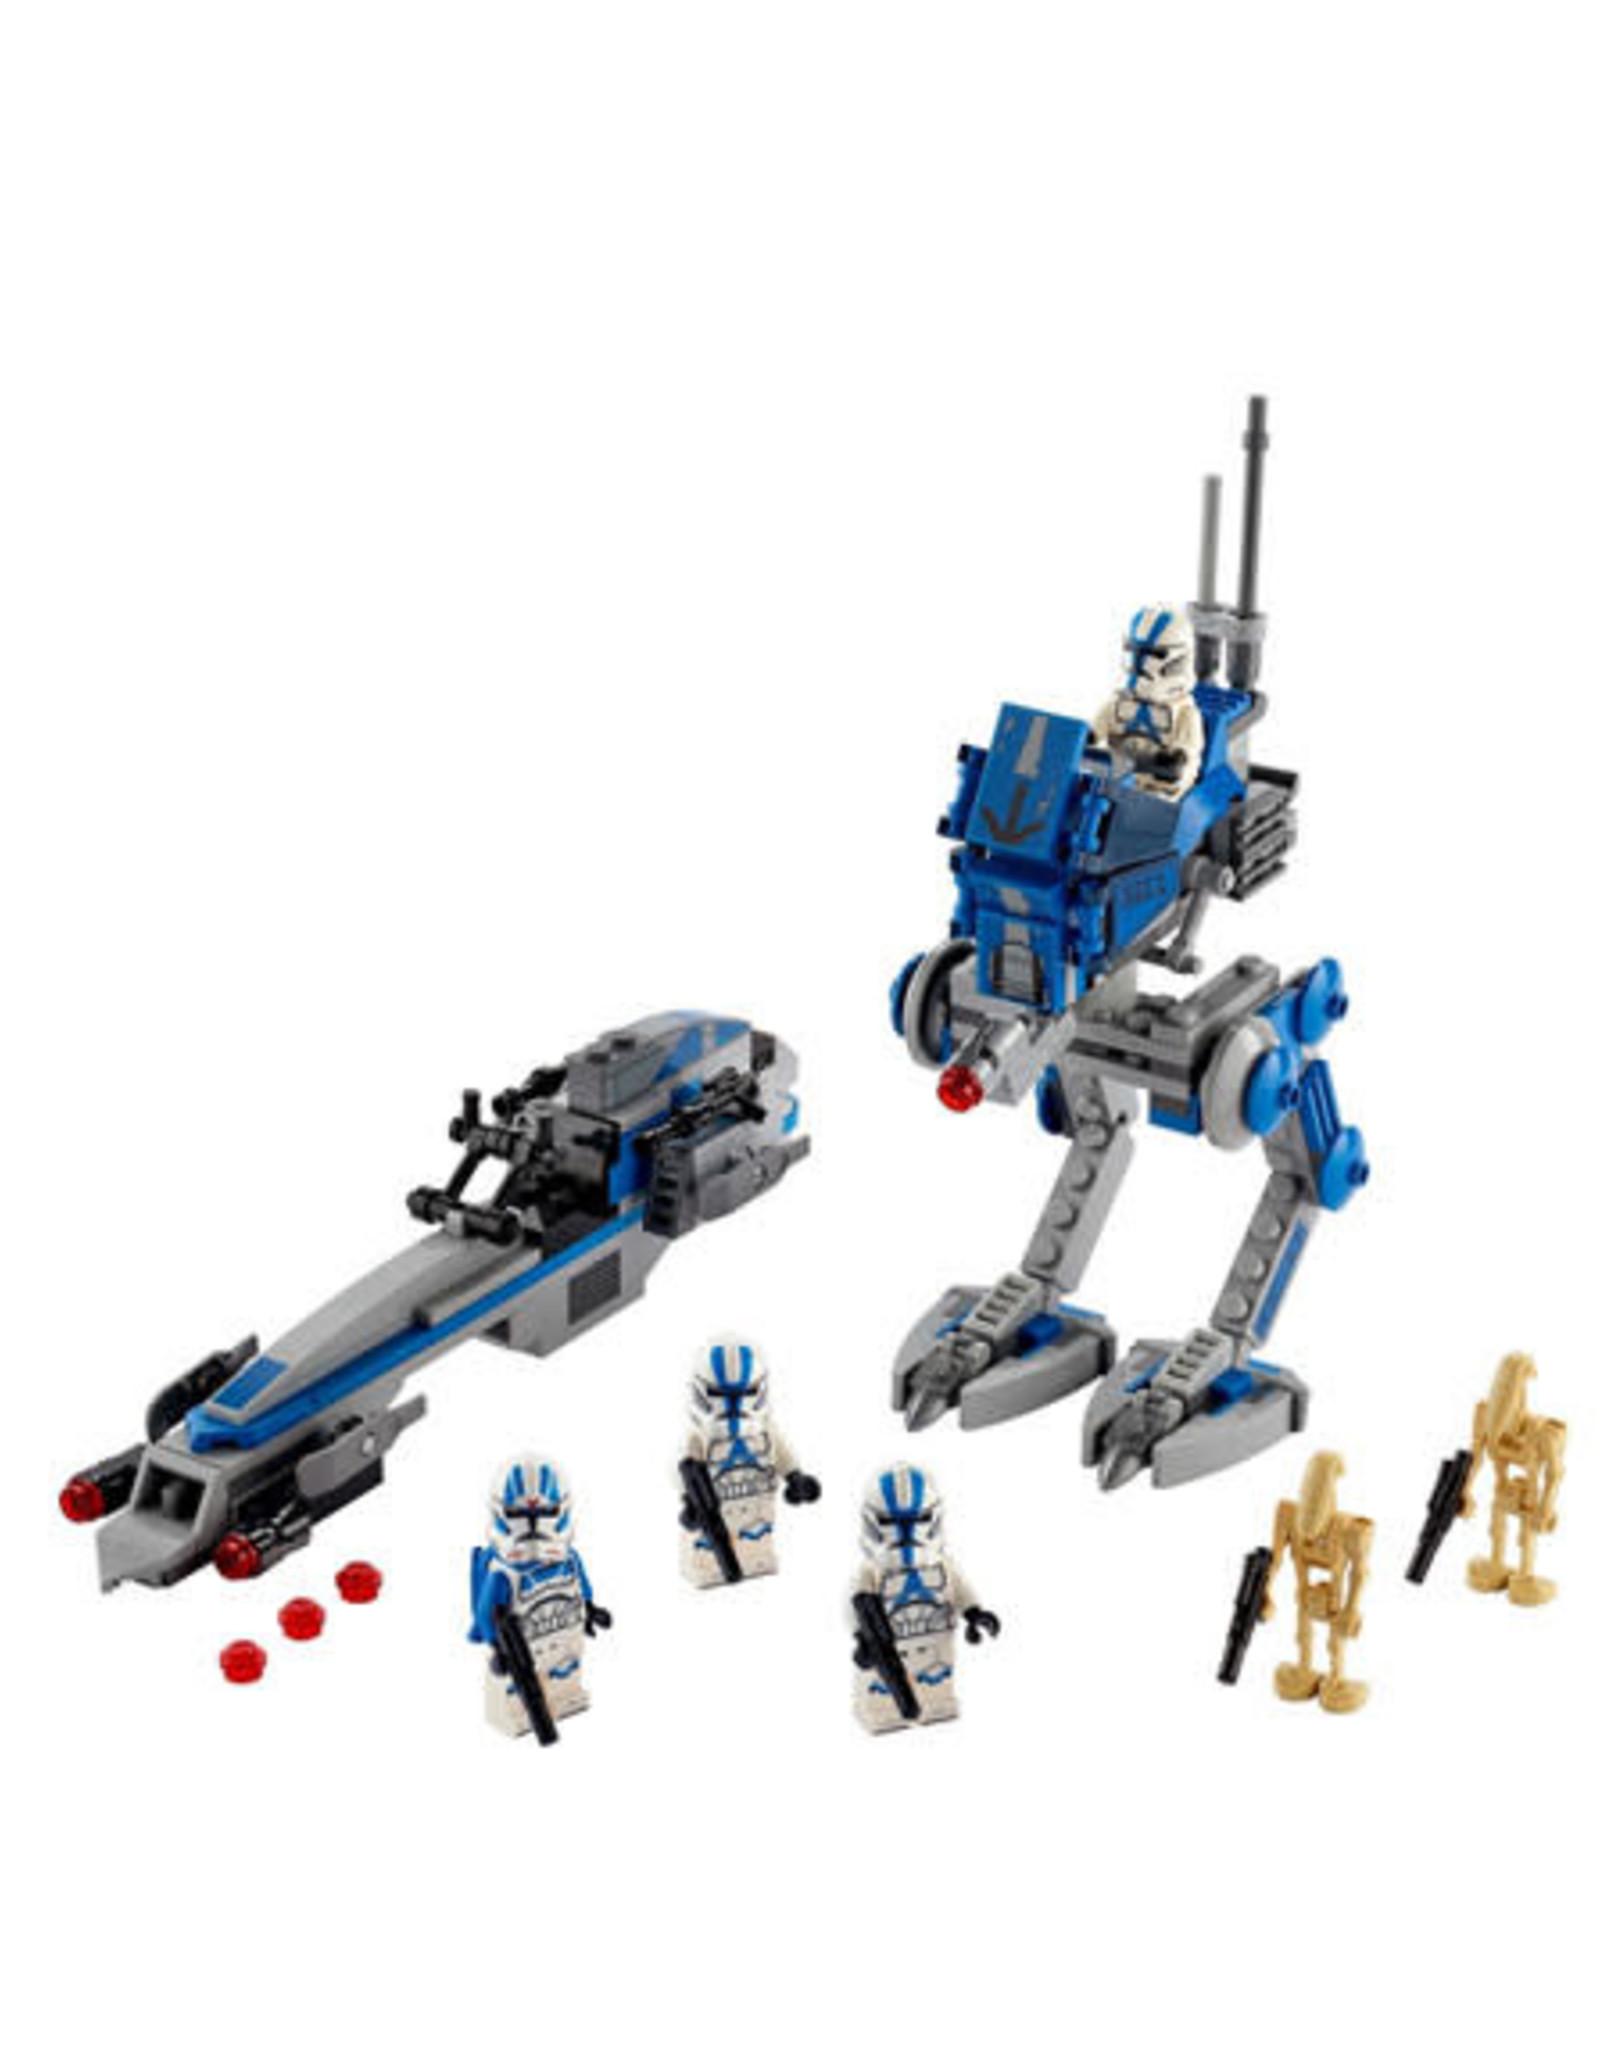 LEGO LEGO 75280 501st Legion Clone Troopers STAR WARS NIEUW